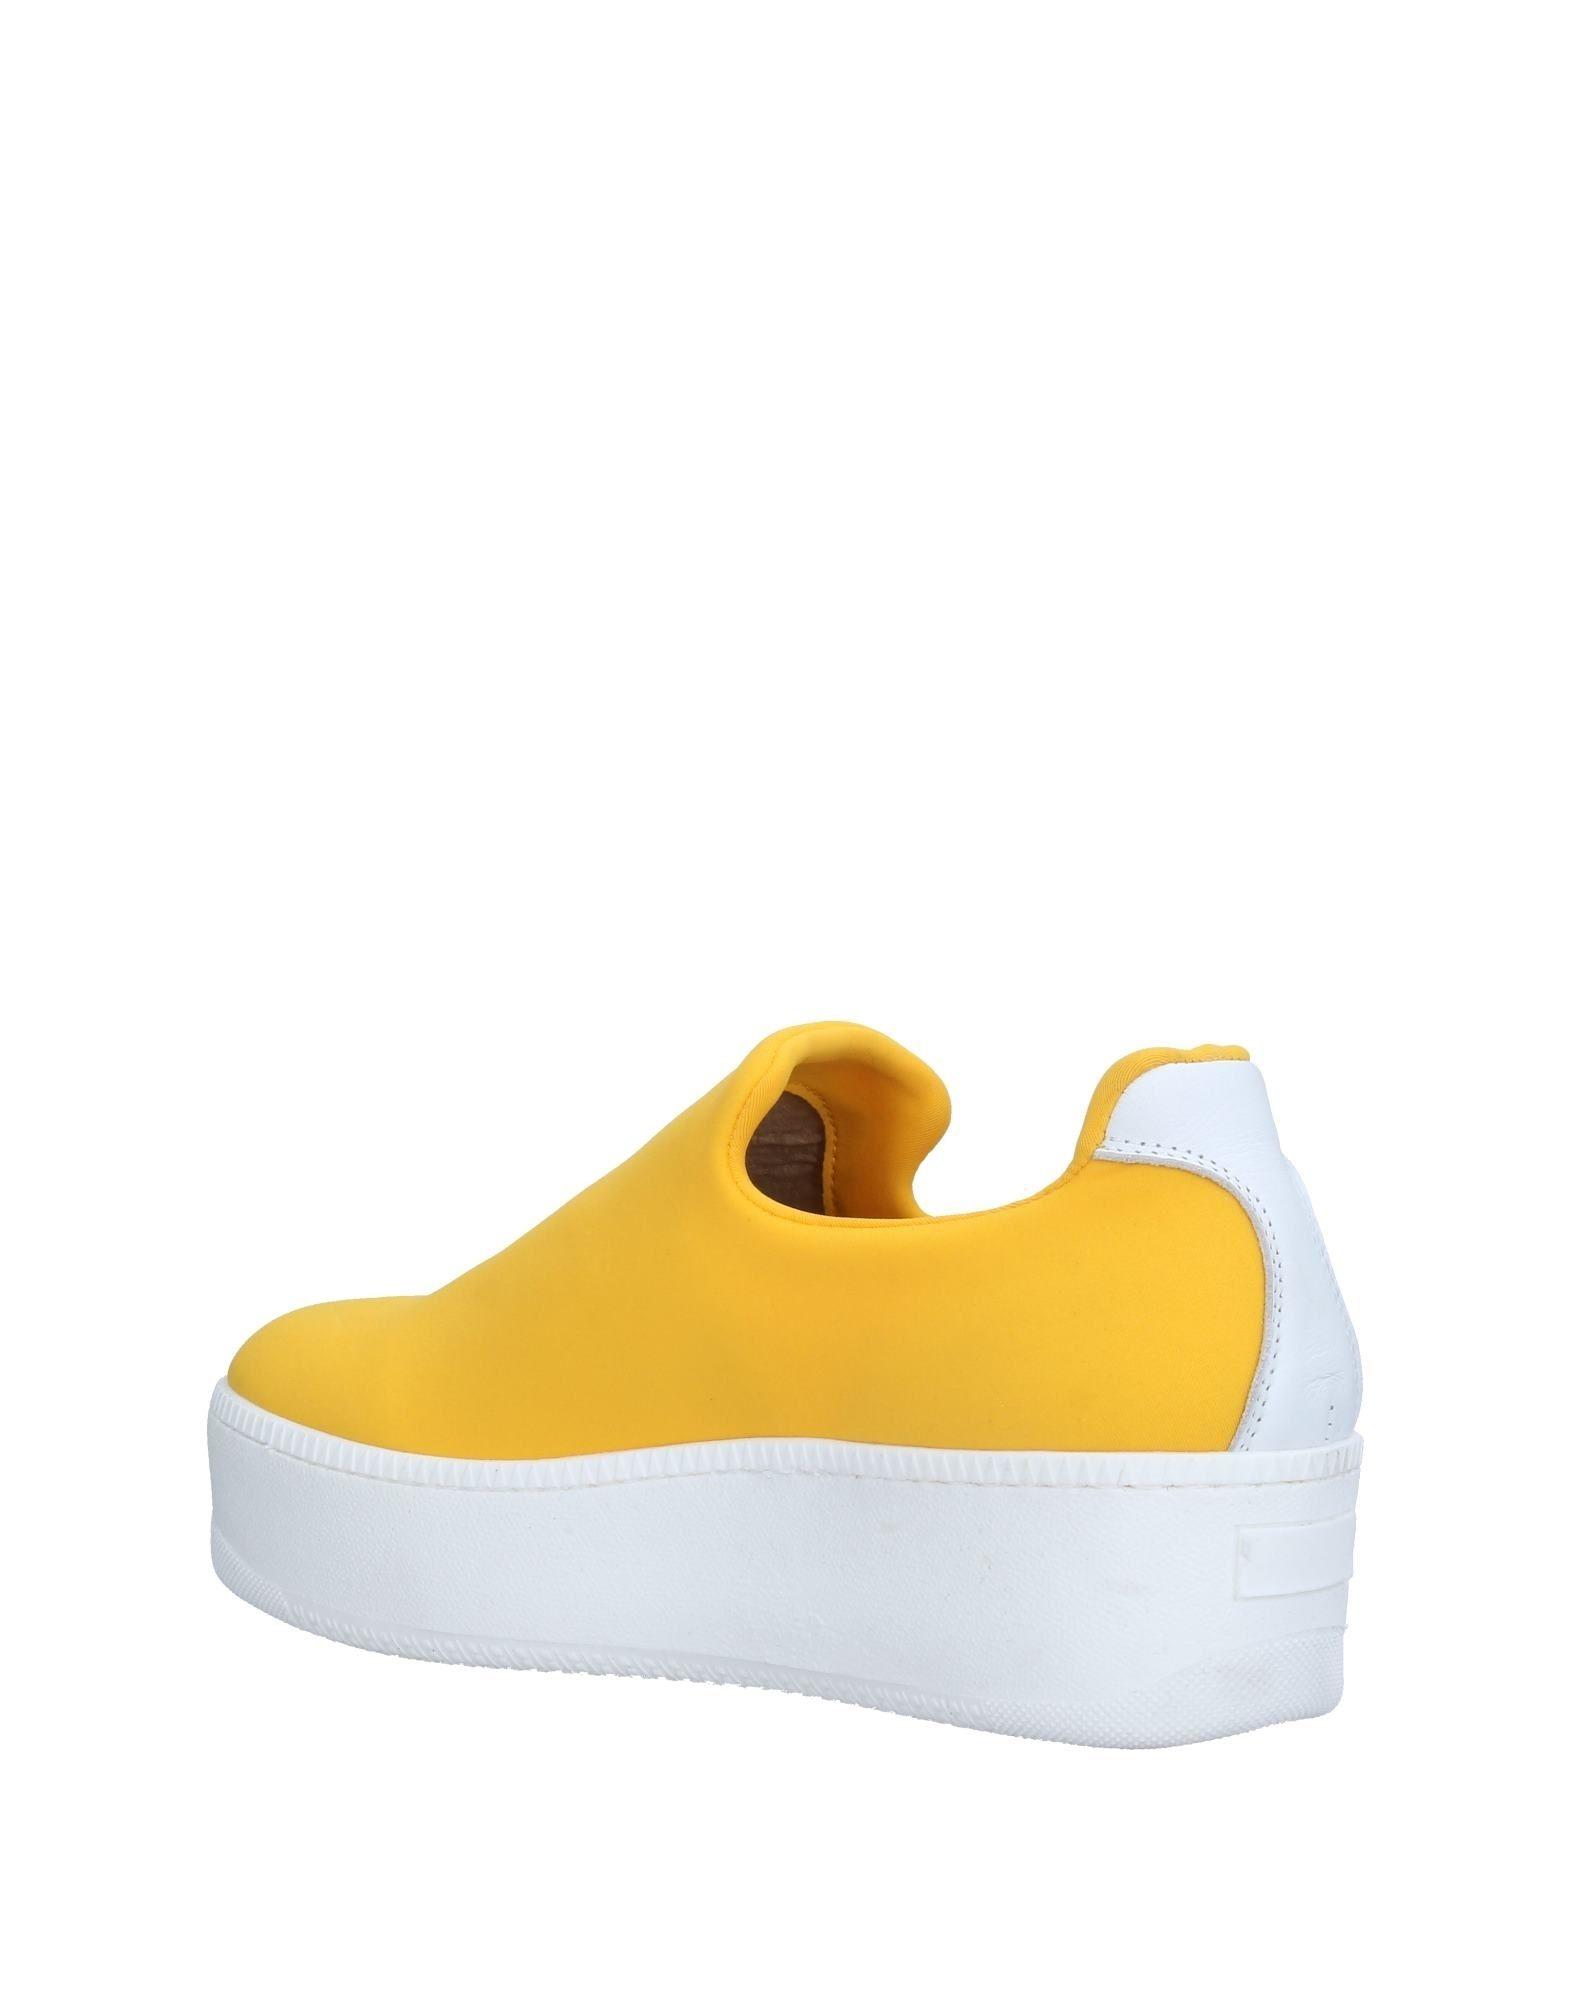 Unlace Sneakers Damen  Schuhe 11128081EK Gute Qualität beliebte Schuhe  a9ced0